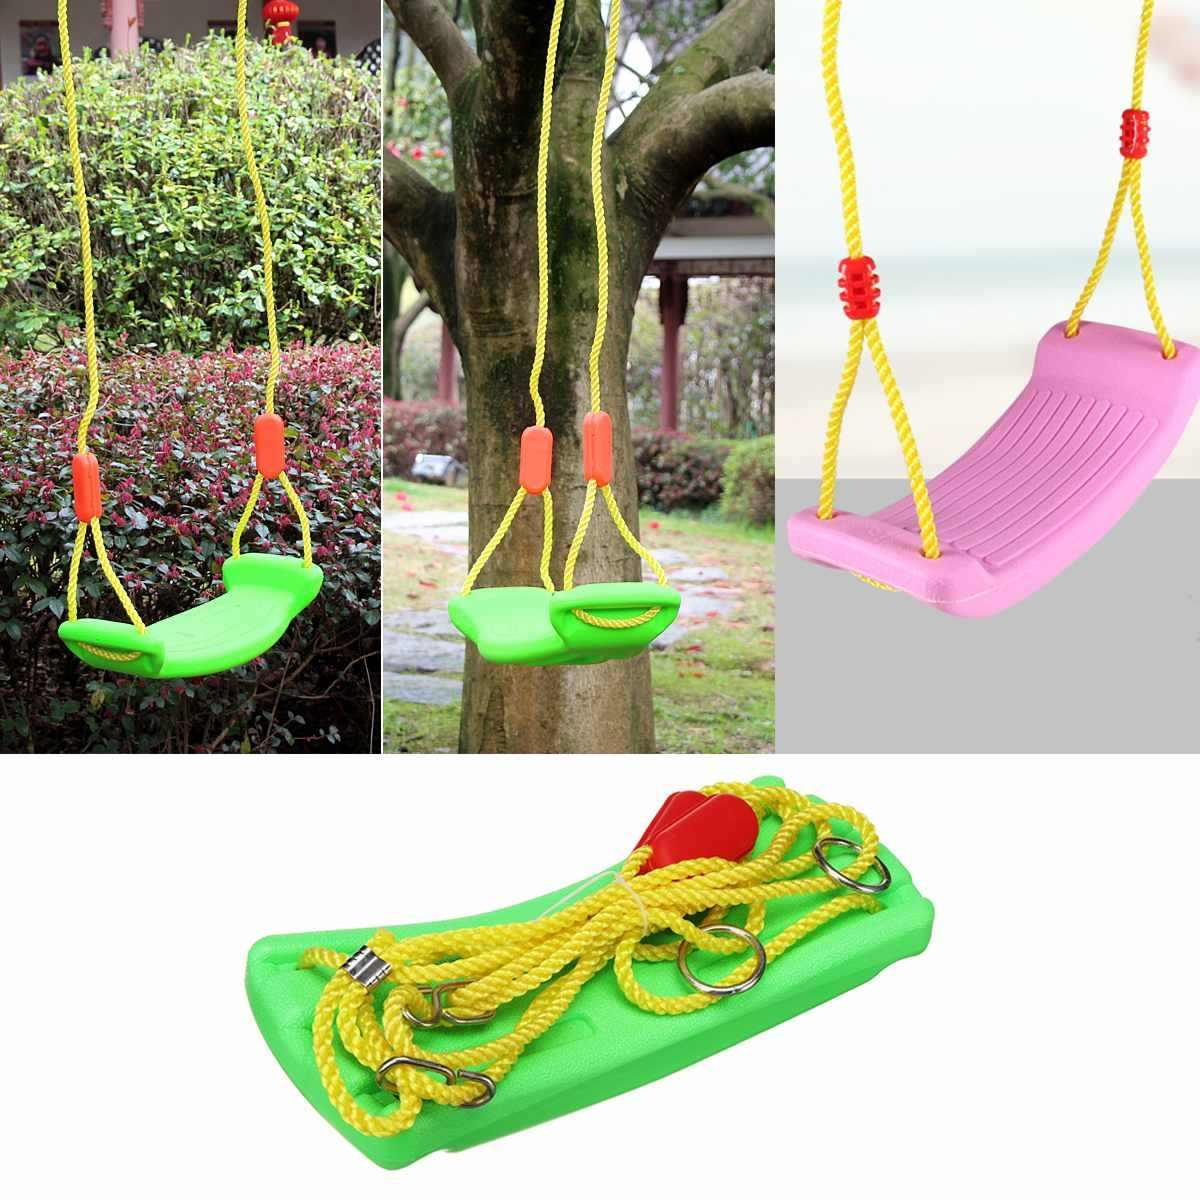 U-образное поворотное сиденье для маленьких детей, детская игрушка для помещений, для улицы, сада, Регулируемая Веревка, чистящая щетка 37x17 см, для занятий спортом в помещении